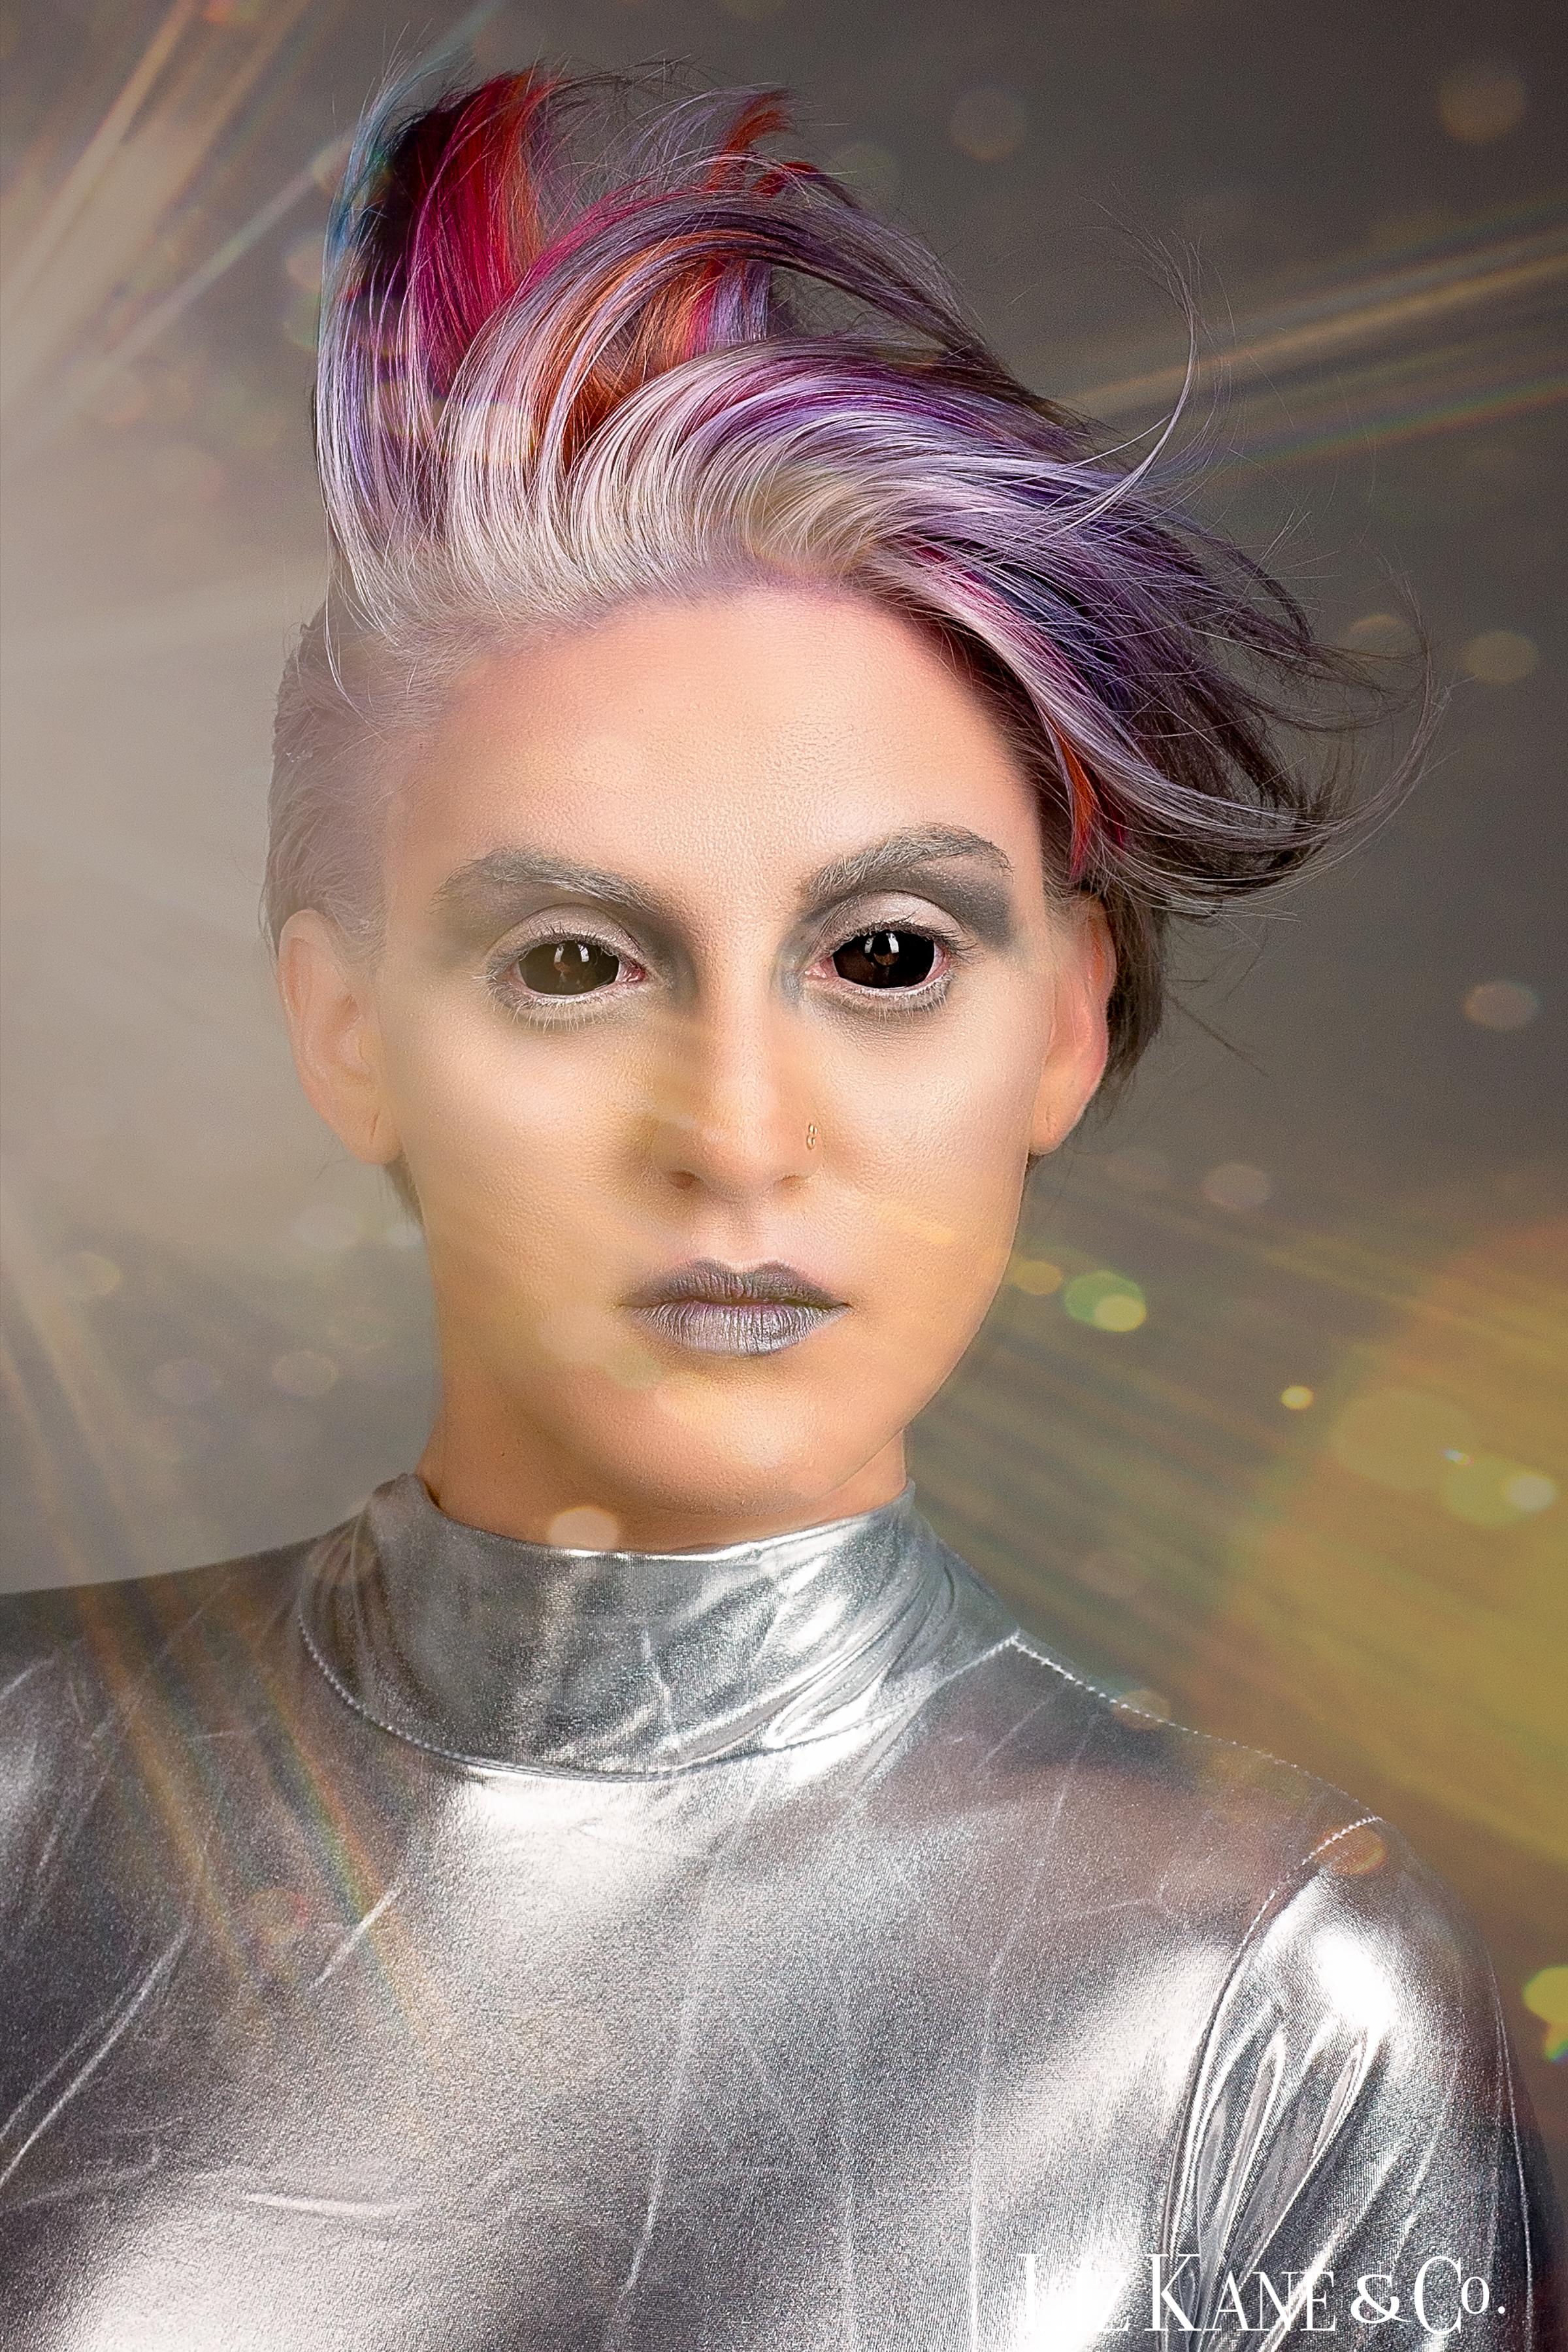 alien hair-1.jpg